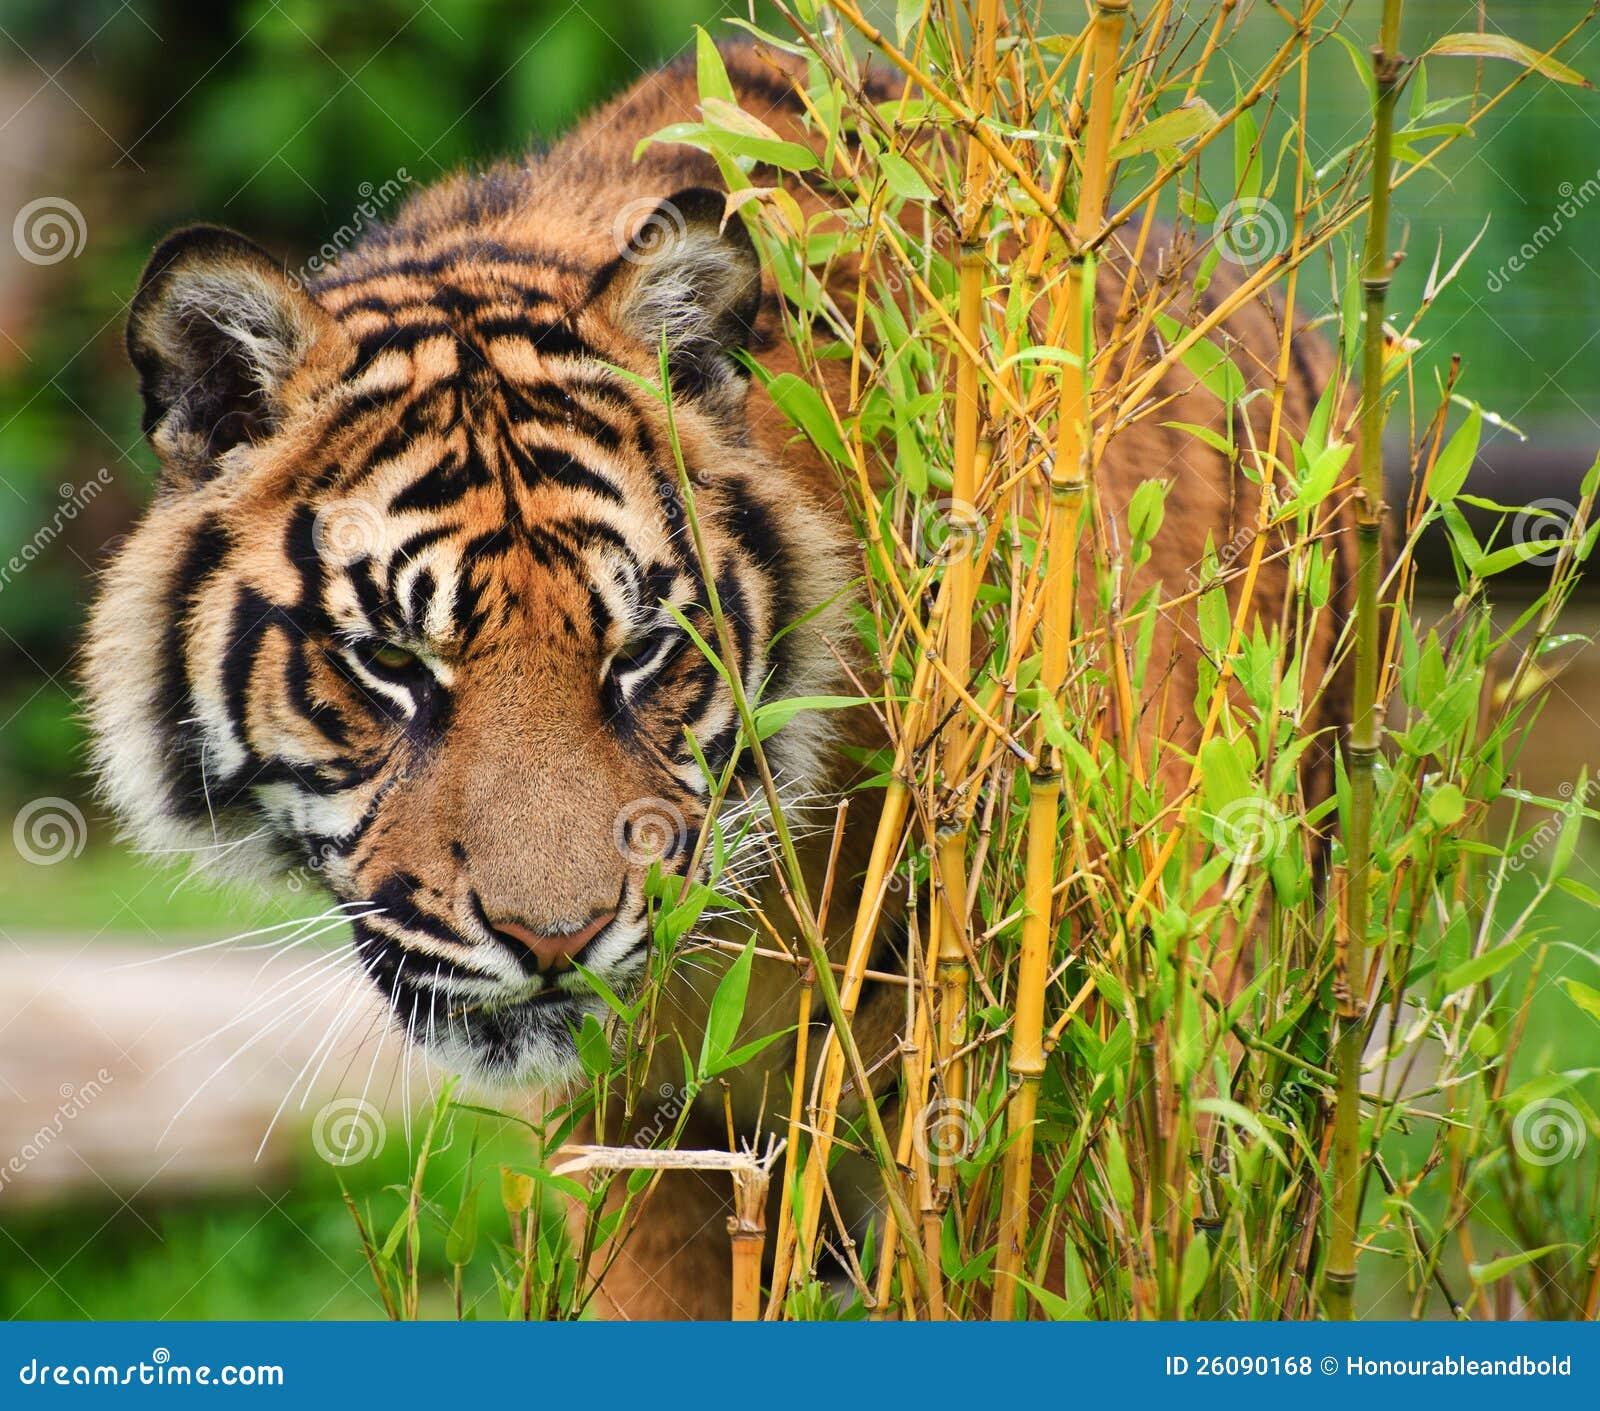 Sumatran Tiger Panthera Tigris Sumatrae Royalty Free Stock Photos ...